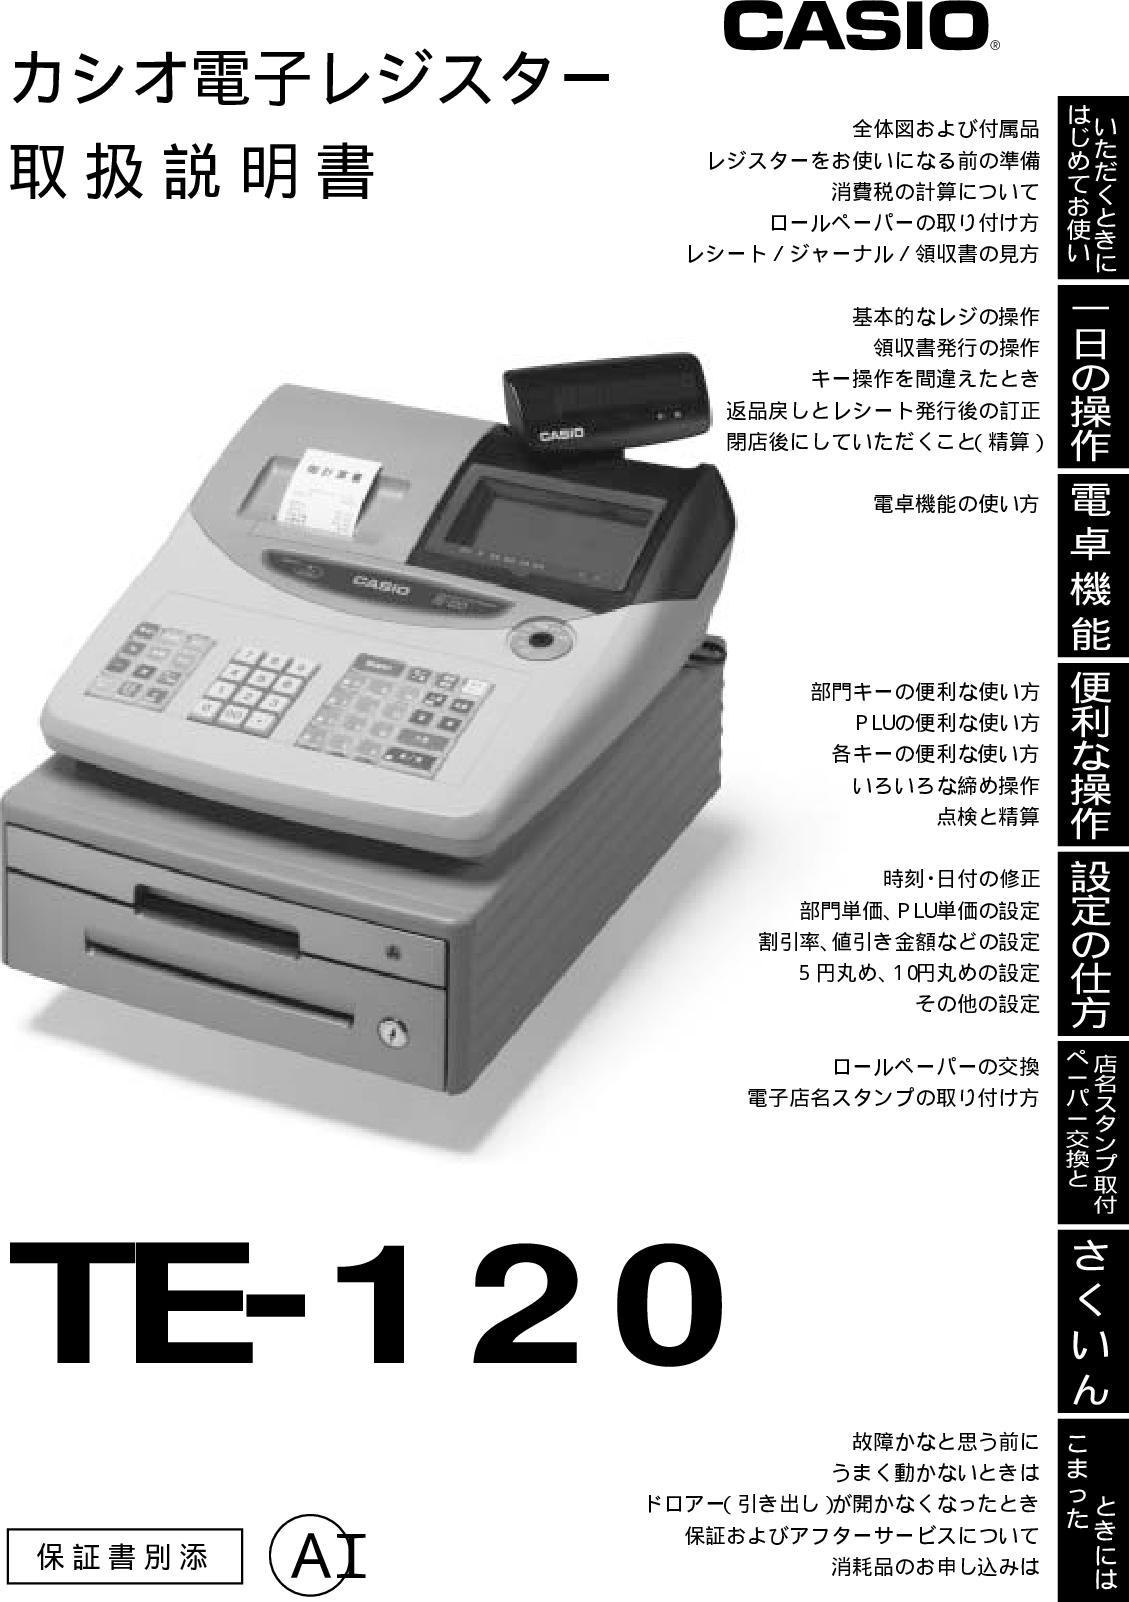 カシオ te 2100 取扱 説明 書